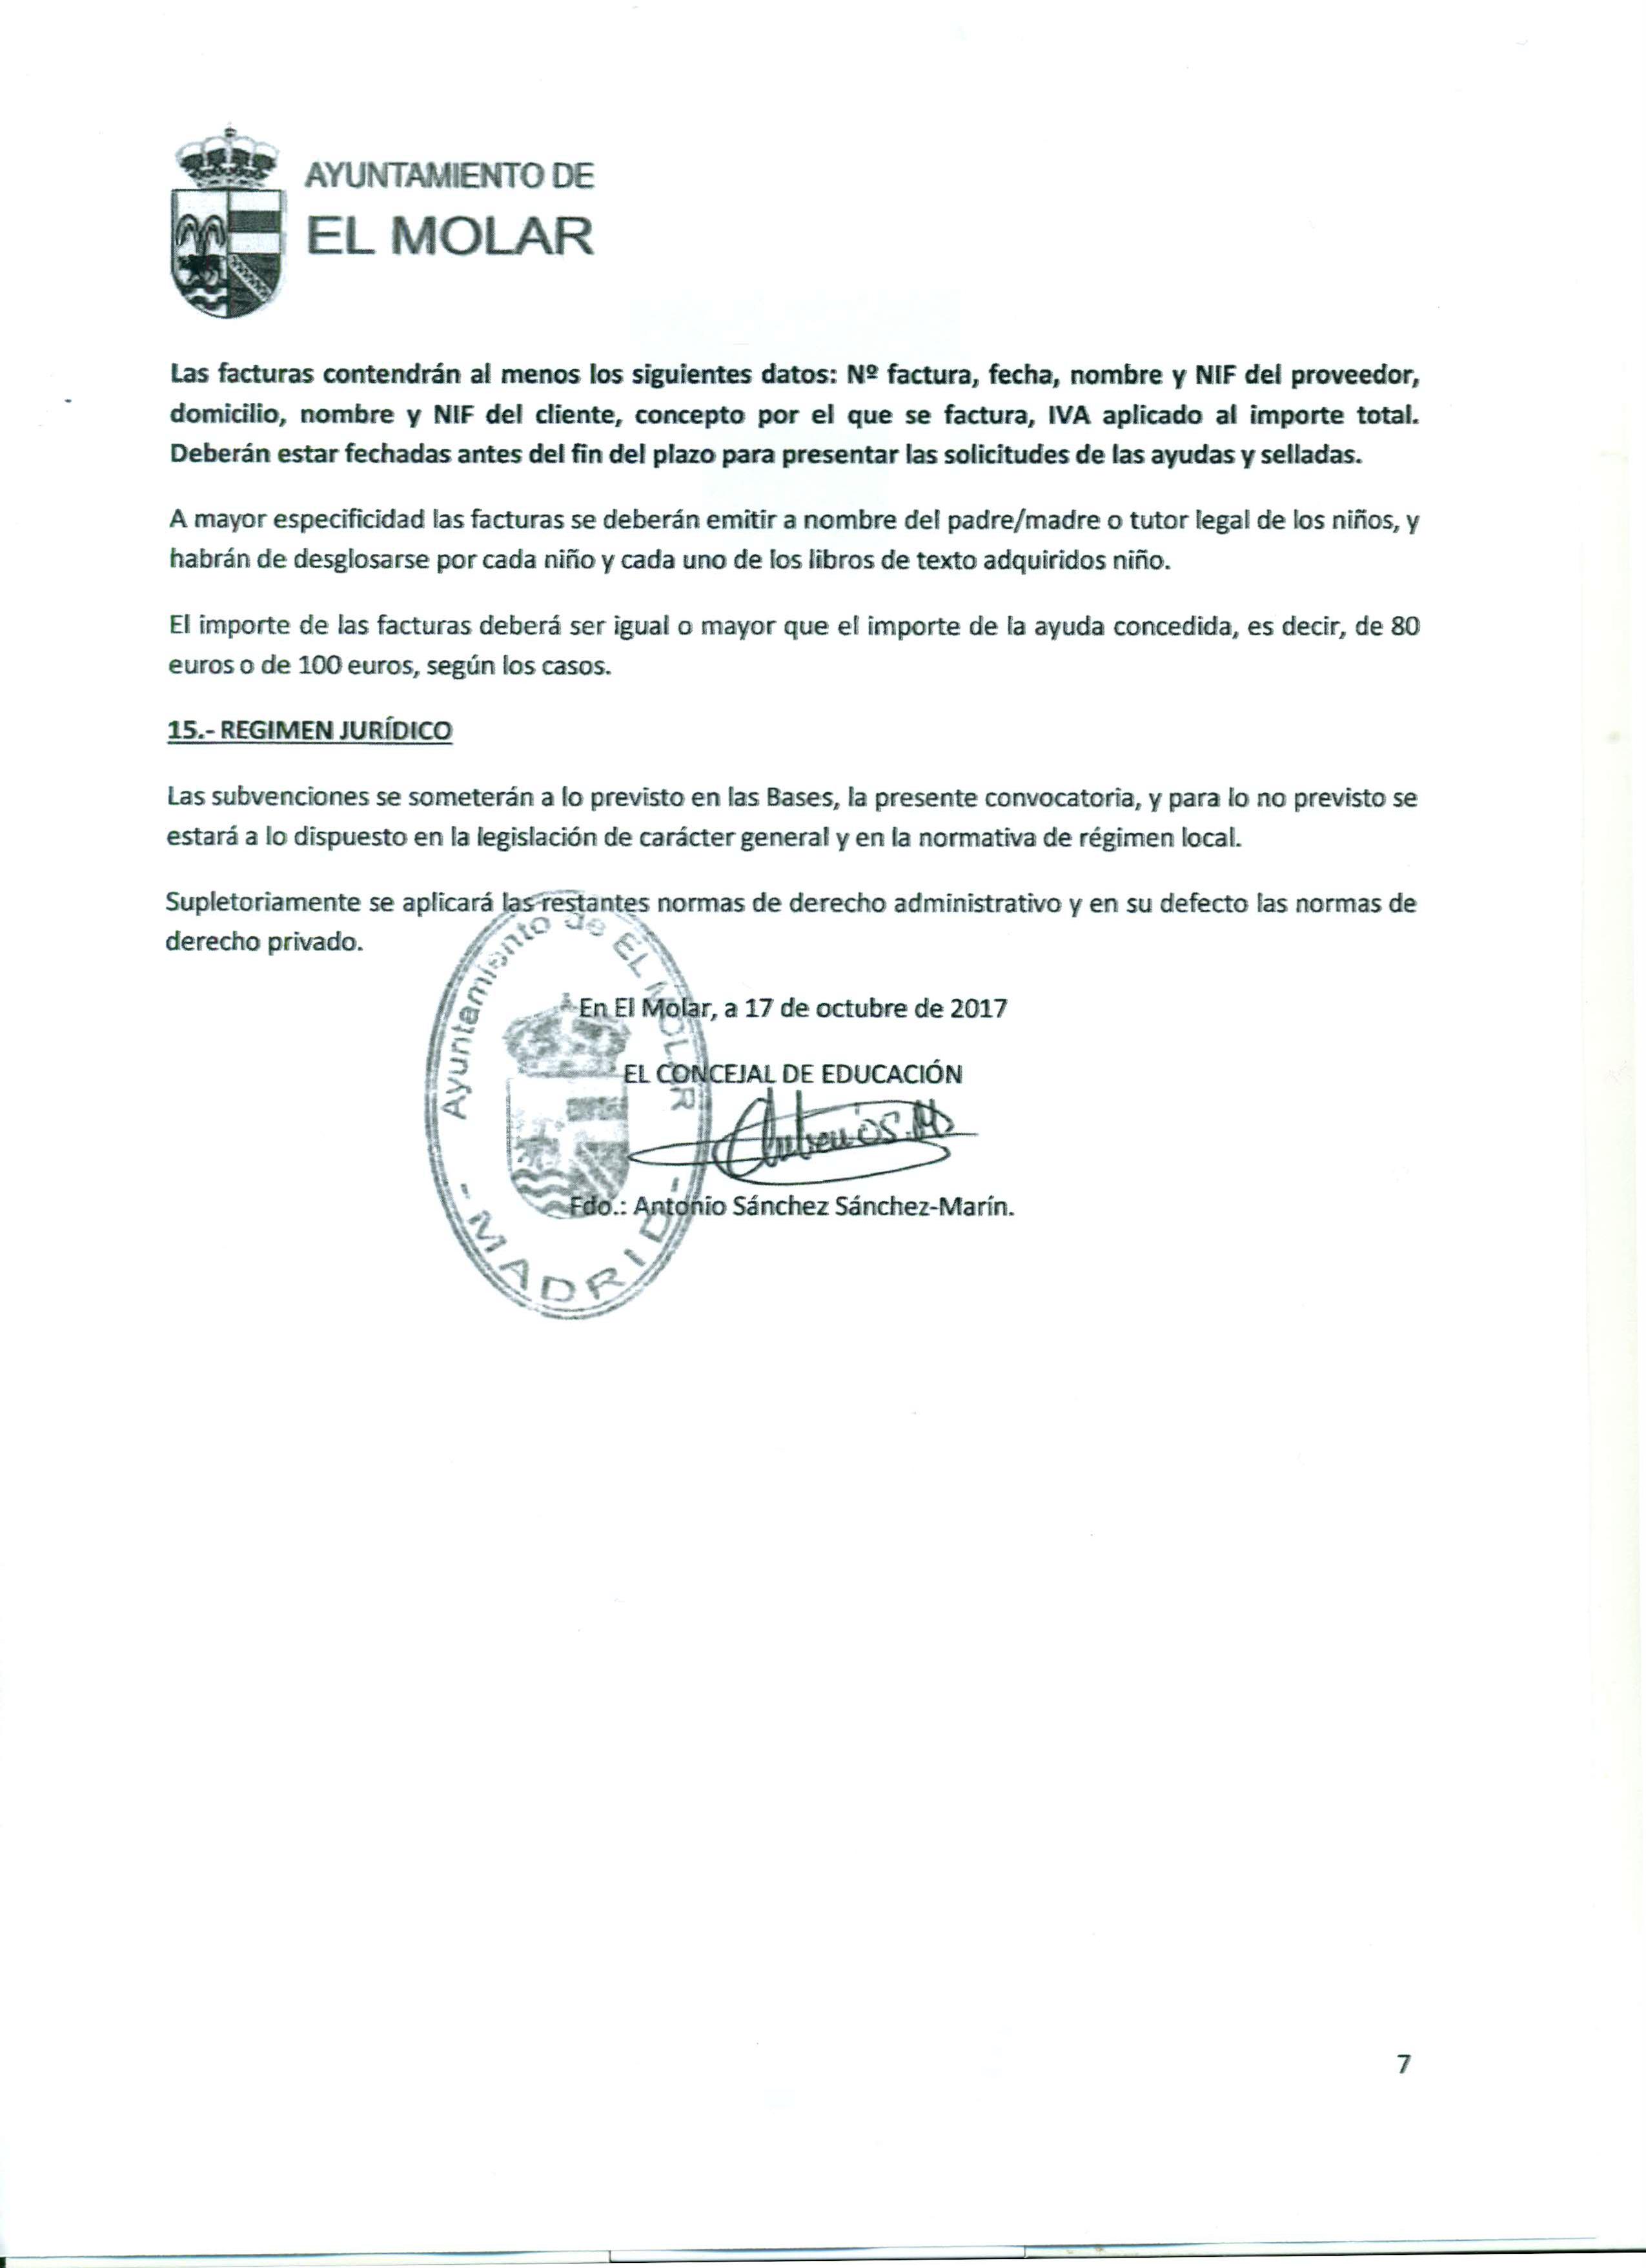 Convocatoria de ayudas económicas, que otorga la Concejalía de Educación del Ayuntamiento de El Molar, para la adquisición de libros de texto para el curso académico 2017-2018